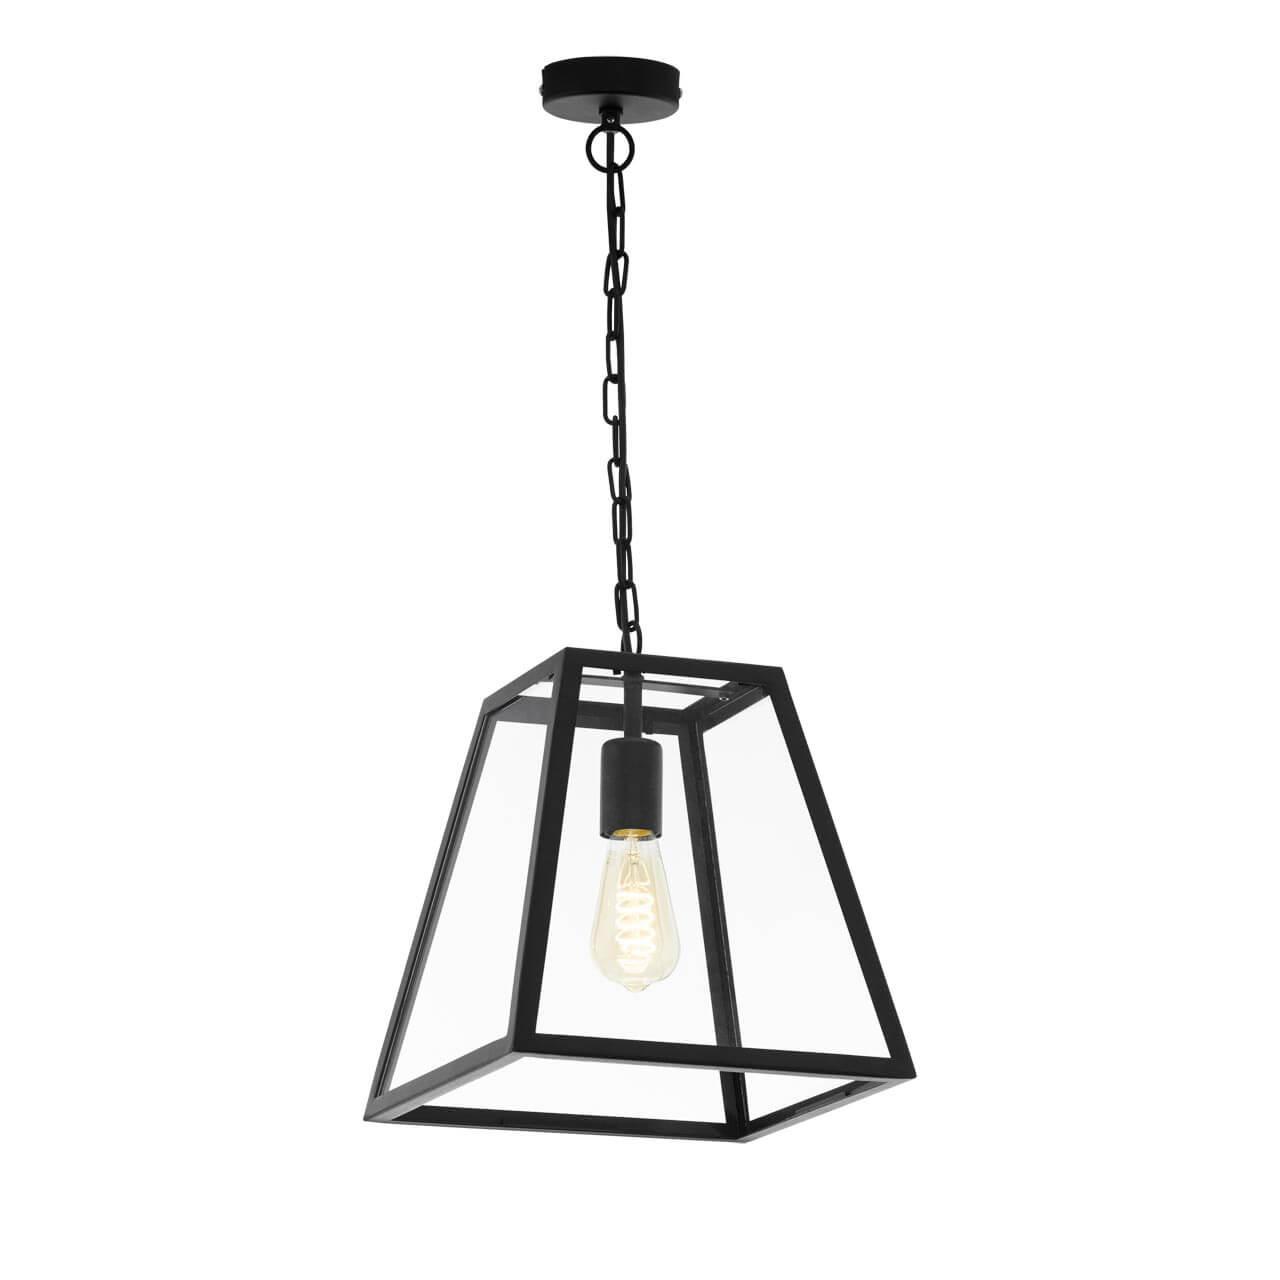 Подвесной светильник Eglo Amesbury 1 49882 подвесной светильник eglo amesbury 49799